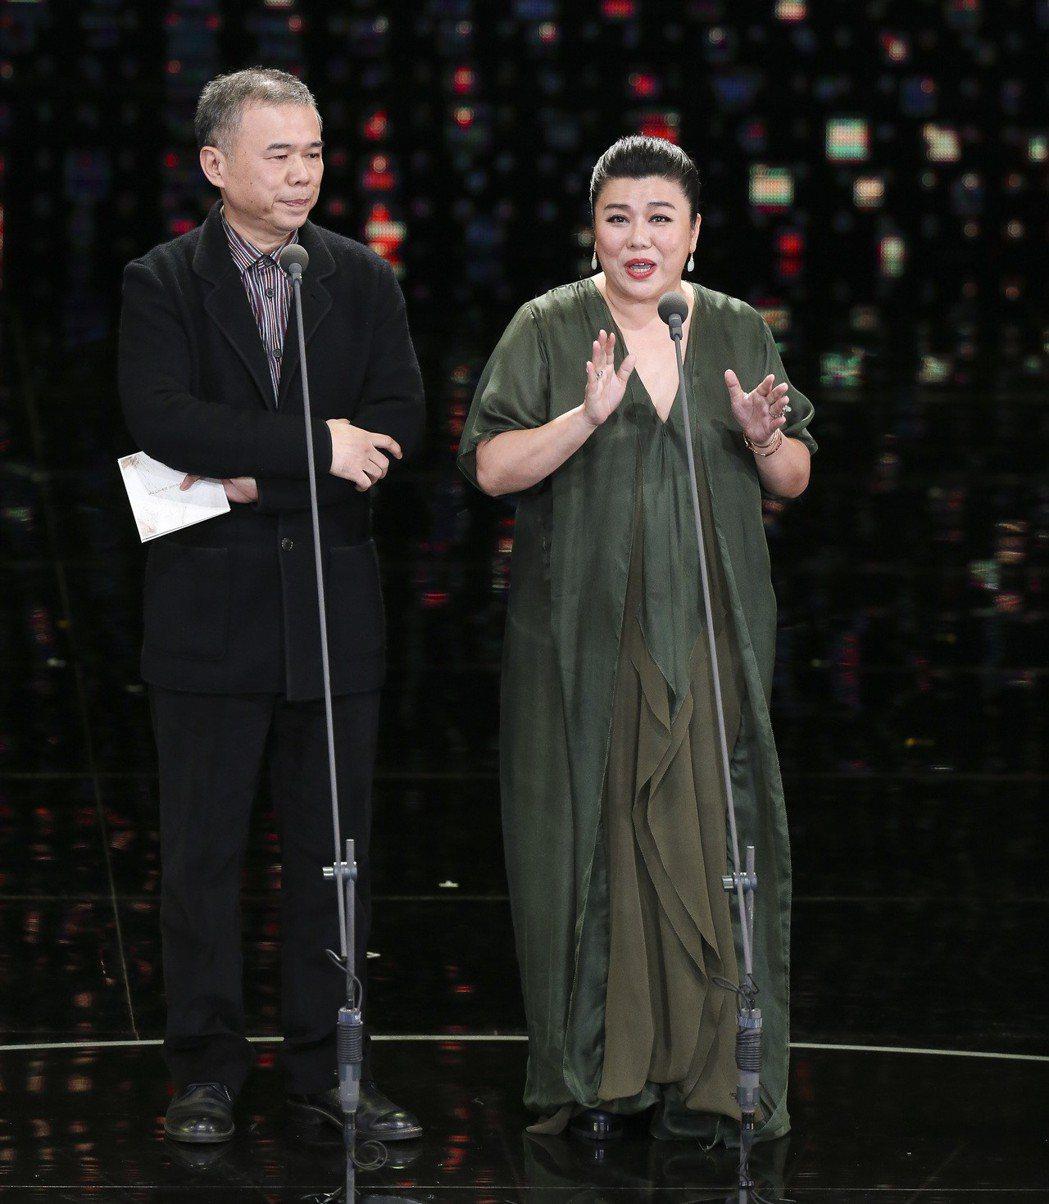 第五十四屆金馬獎頒獎嘉賓陳玉勳(左)與林美秀(右)。記者陳瑞源/攝影